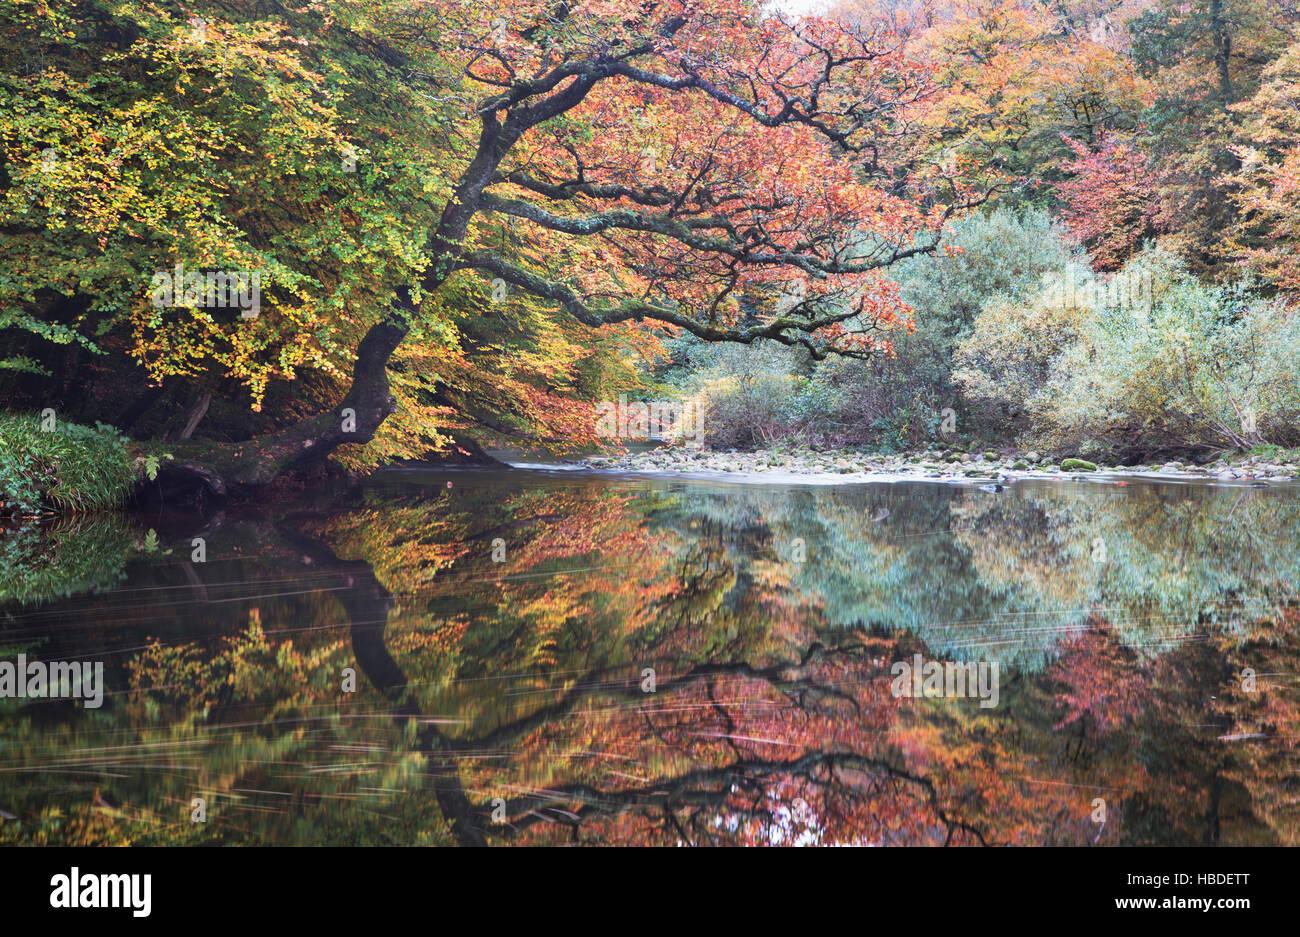 Il fiume Dart passando attraverso il legno Hembury nel Devon, Regno Unito, con i colori autunnali degli alberi Immagini Stock